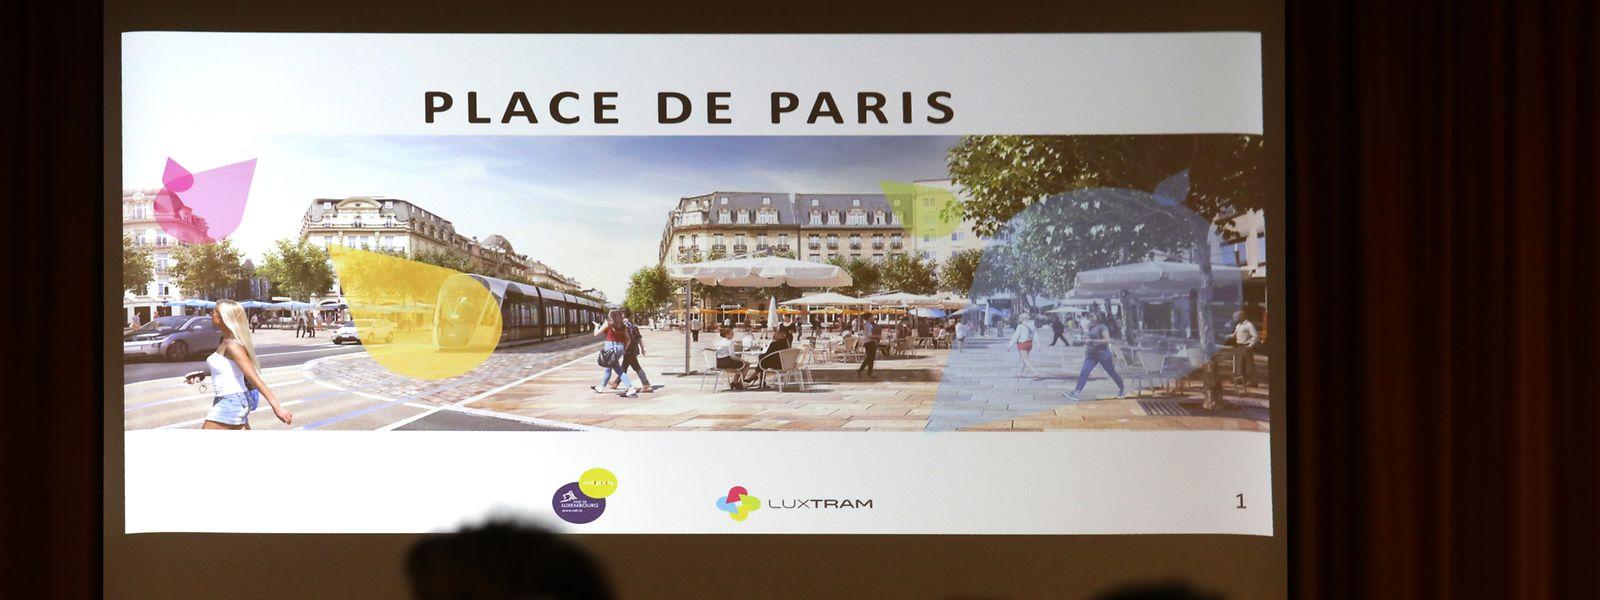 Die Place de Paris soll zu einem lebendigen, modernen Platz werden.